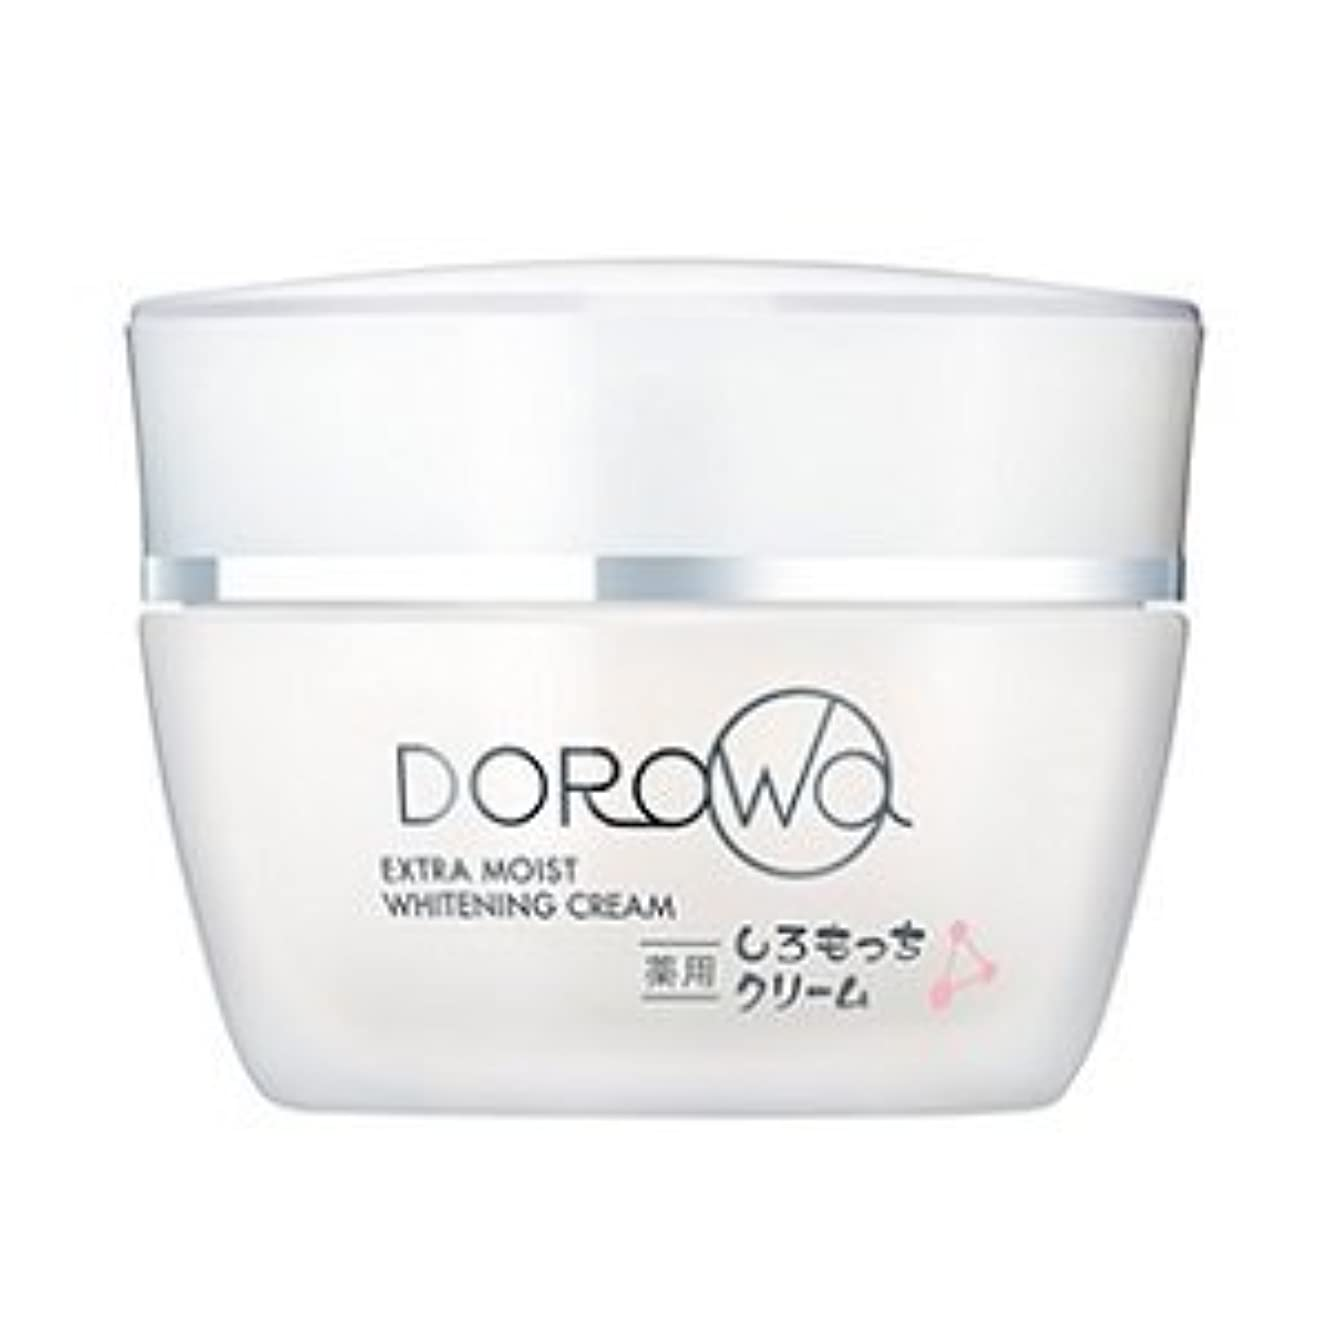 以下メロン発掘健康コーポレーション DOROwa 薬用 しろもっちクリーム 60g